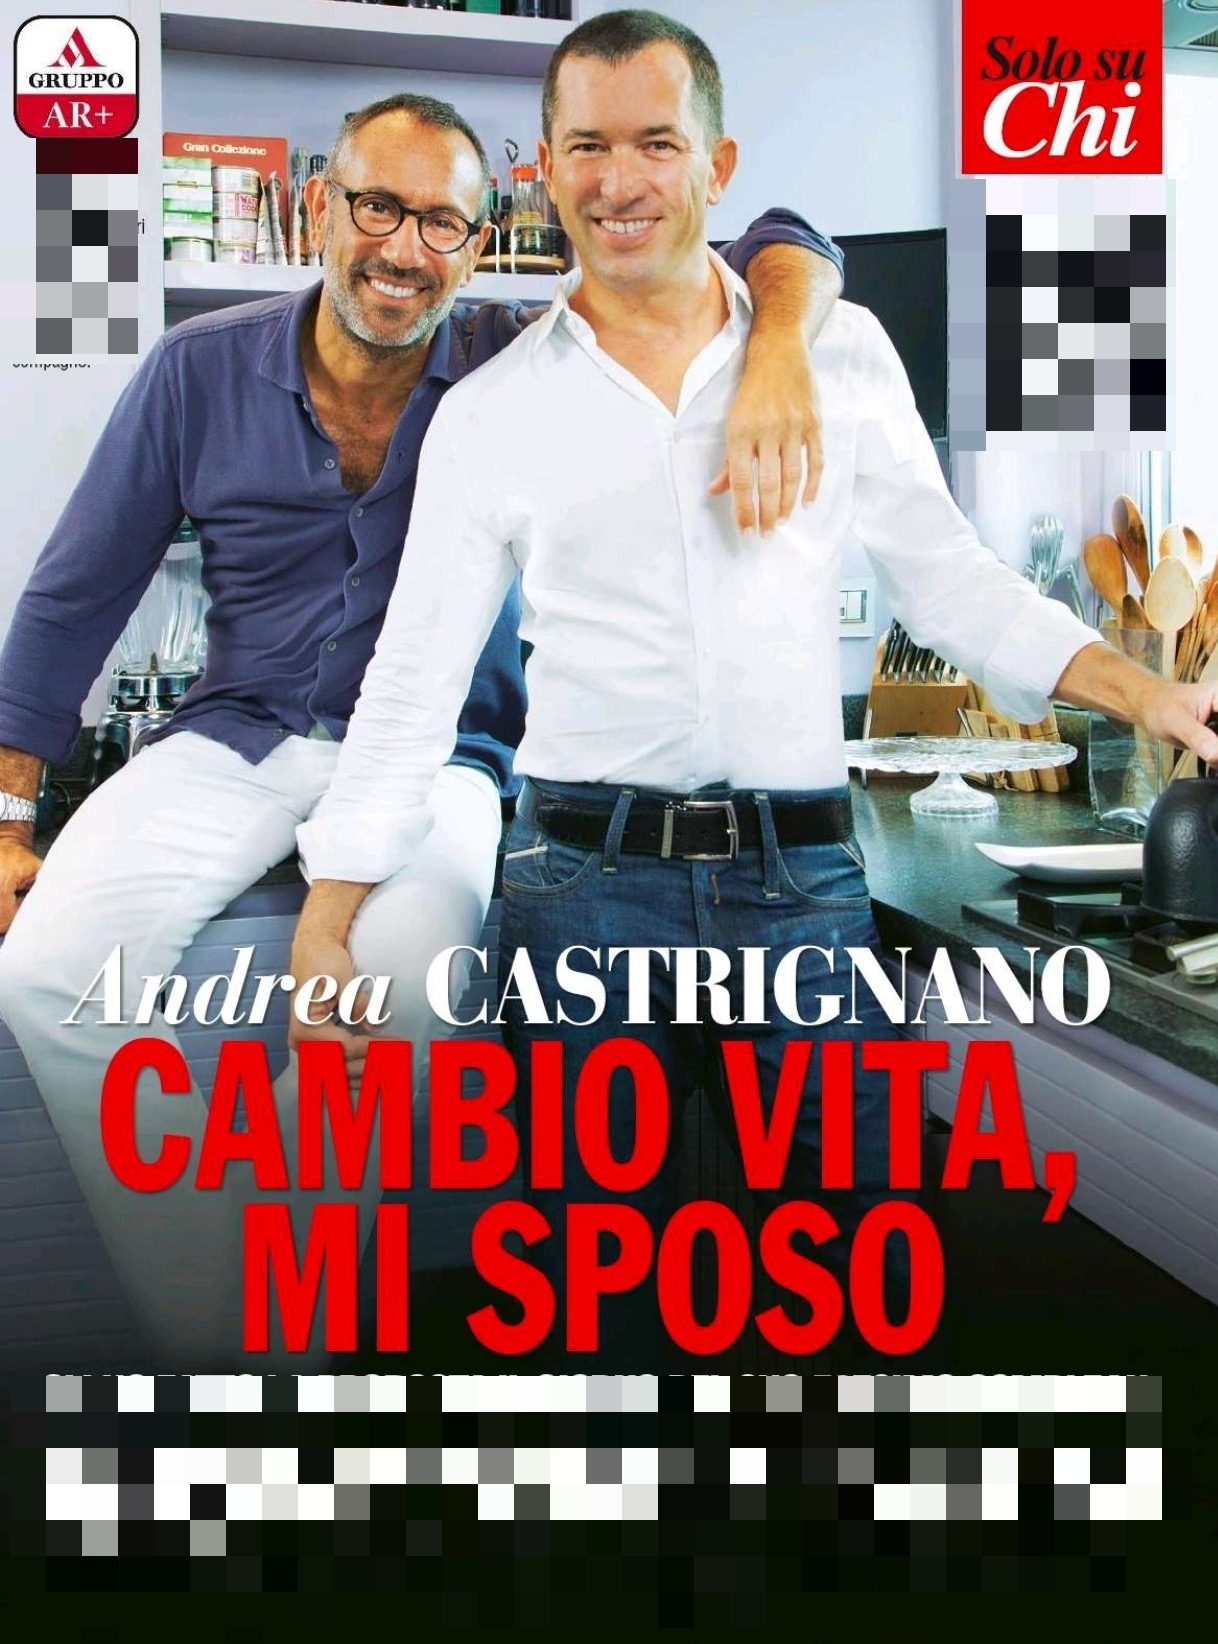 Andrea castrignano di cambio casa cambio vita sposa l 39 amato federico torzo spetteguless - Cambio vita cambio casa 2017 ...